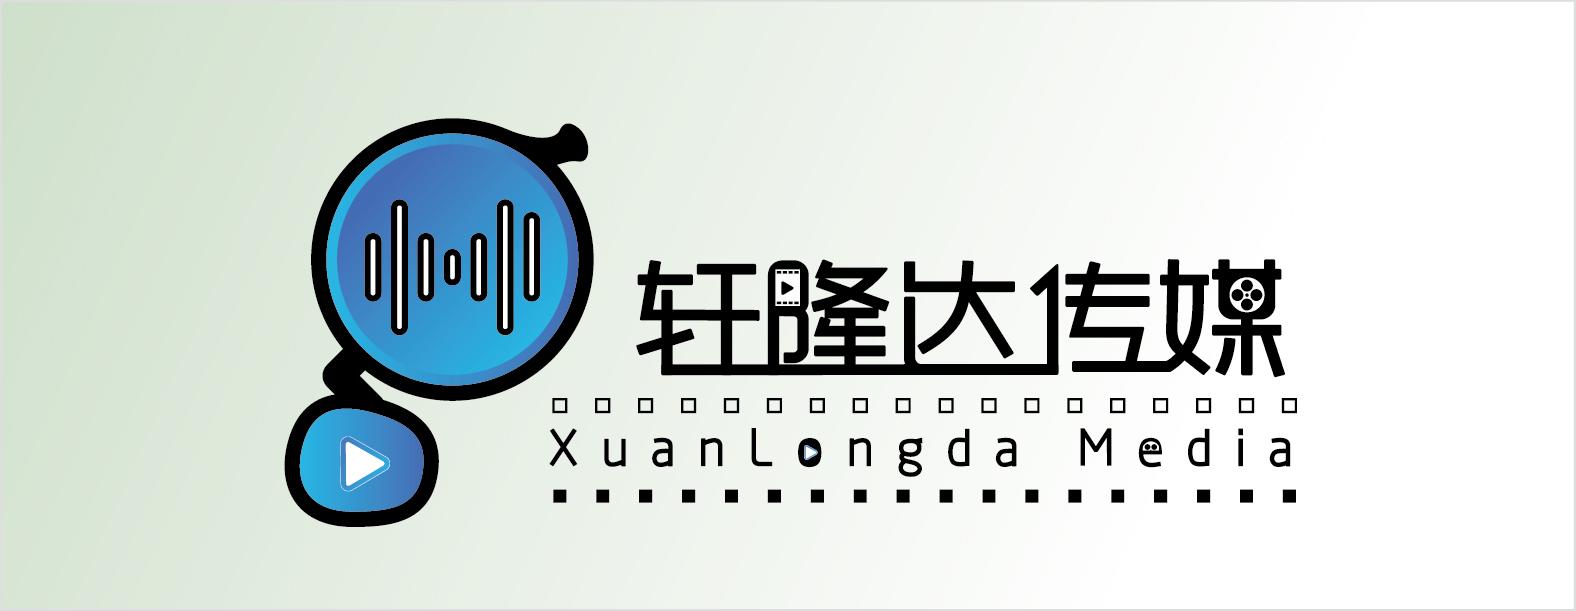 轩隆达传媒logo设计_3032844_k68威客网